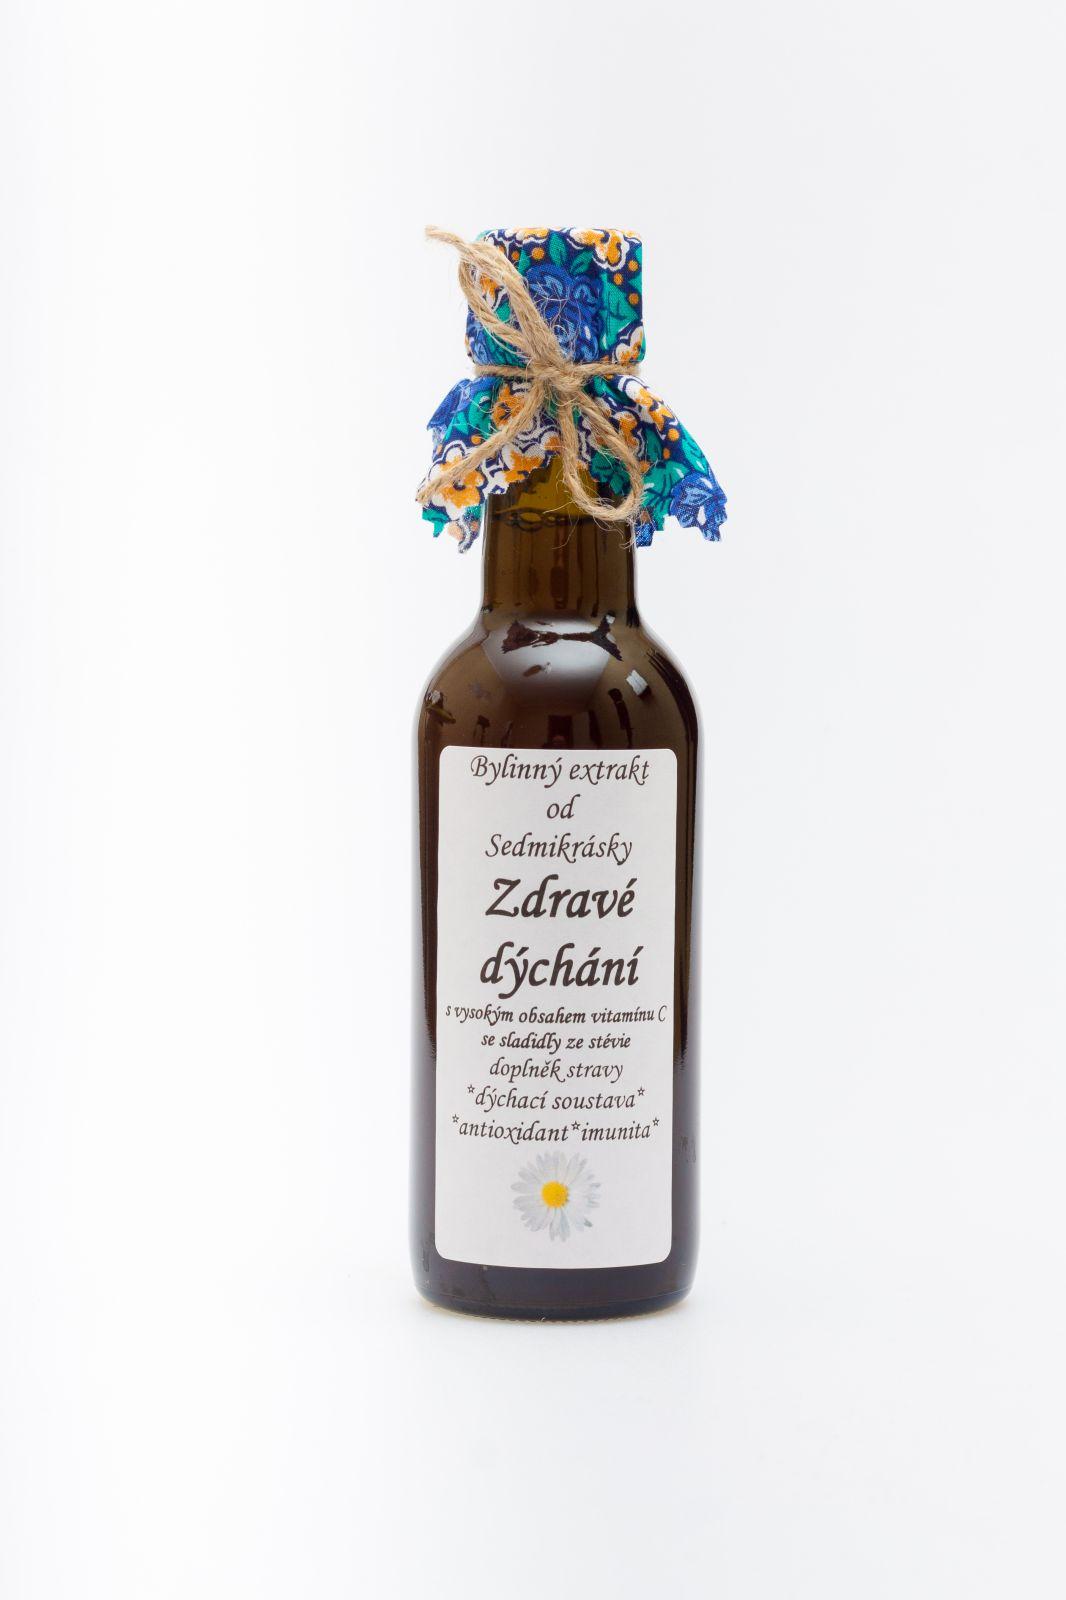 Sedmikráska ekstrakt ziołowy Zdrowe Oddychanie 250ml Rodinná farma Sedmikráska